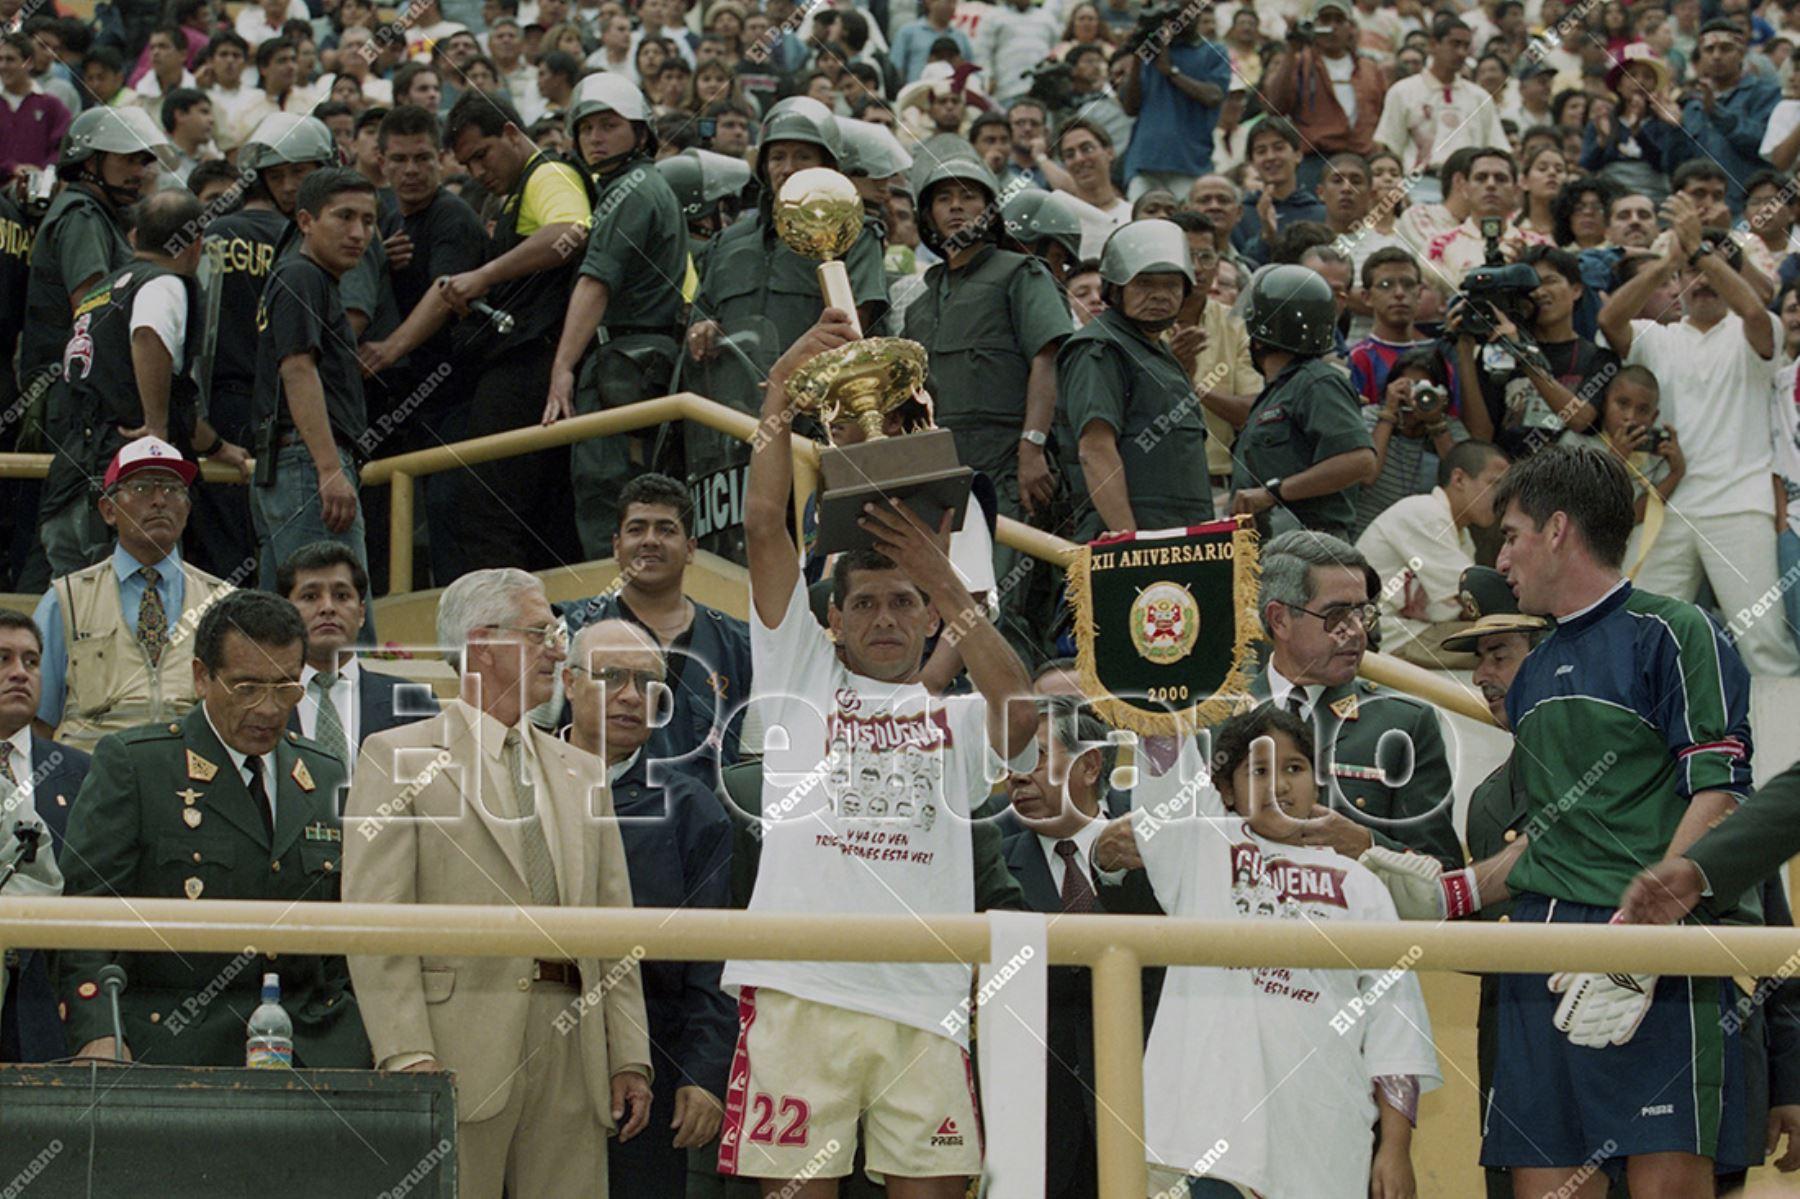 Lima - 8 diciembre 2000 / José Luis Carranza con la Copa en alto. Universitario de Deportes logró el tricampeonato al vencer al Juan Aurich de Chiclayo por 5-0 en el Estadio Monumental. Foto: Diario El Peruano / Jack Ramón